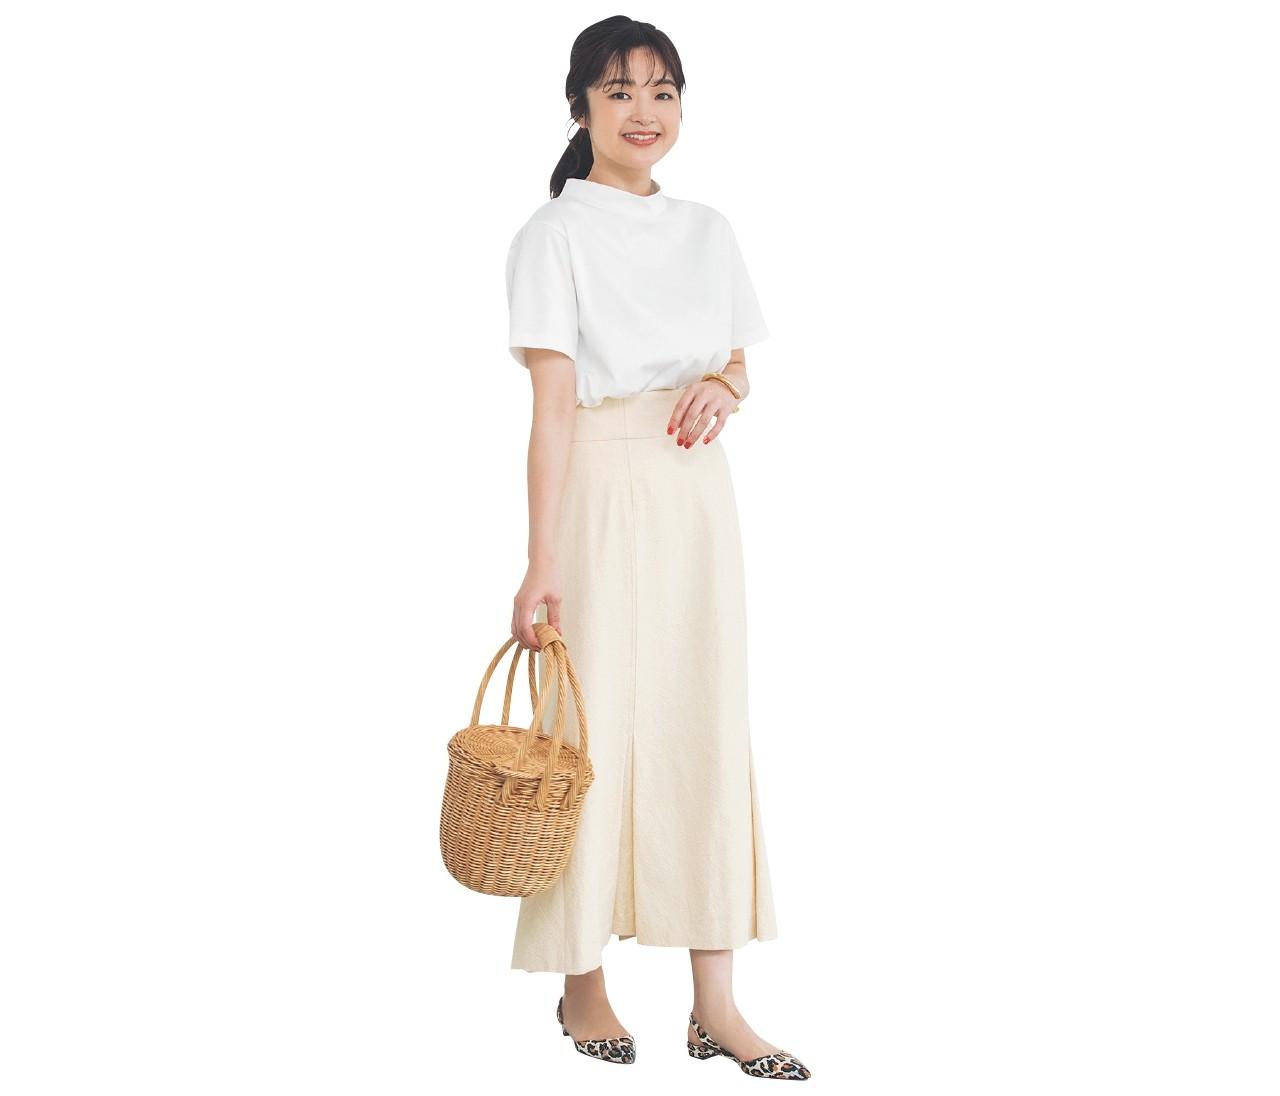 【30代女子の夏ファッションQ&A】夏のワントーンコーデの正解は?